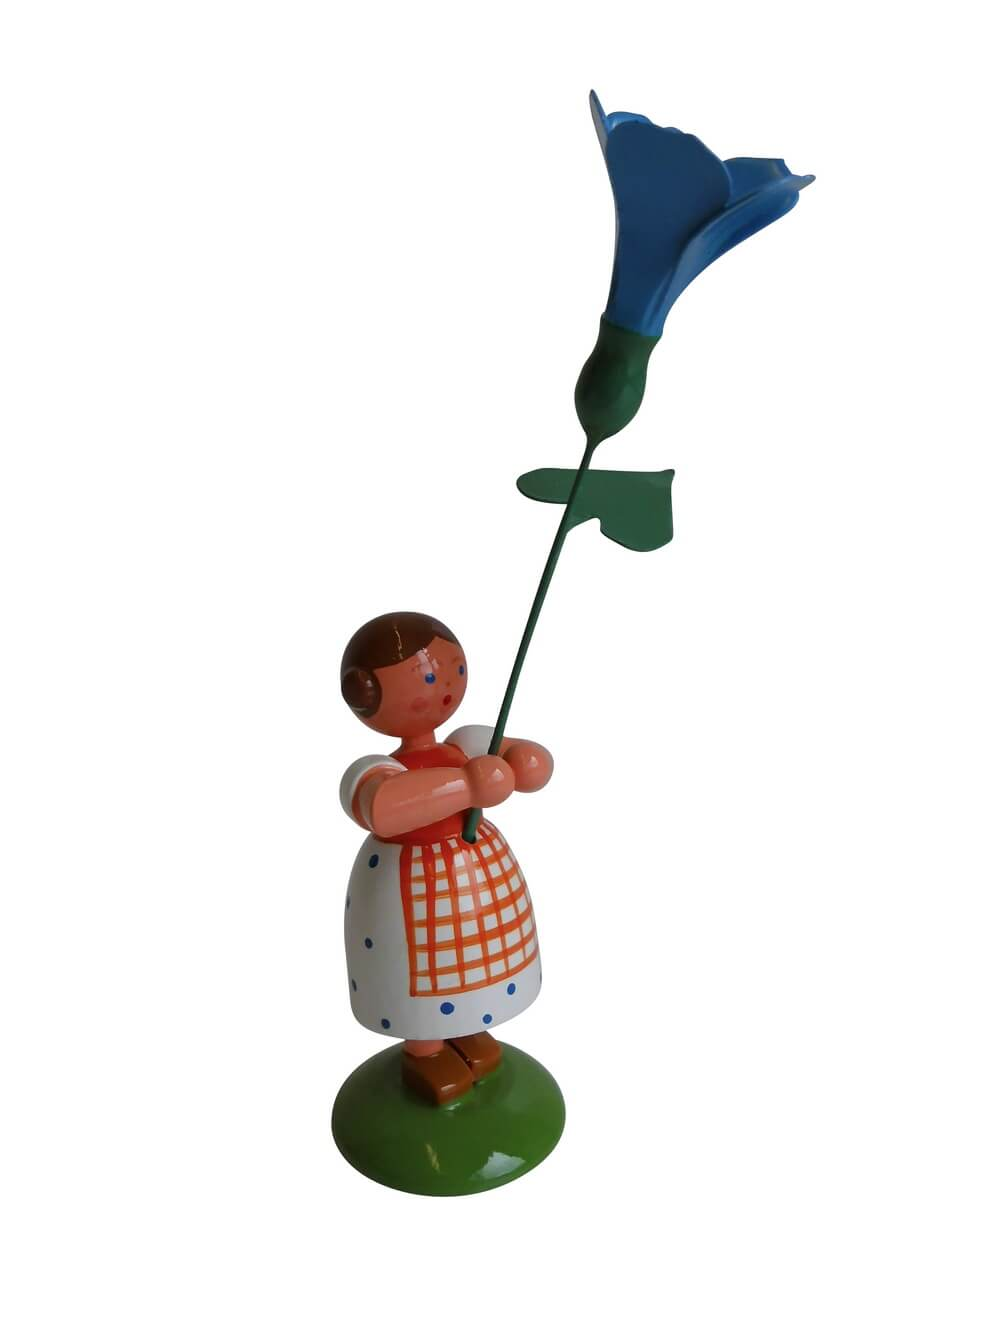 Blumenkinder - Sommerblumenkind Mädchen mit blauer Prunkwinde, 12 cm von WEHA-Kunst Dippoldiswalde/ Erzgebirge